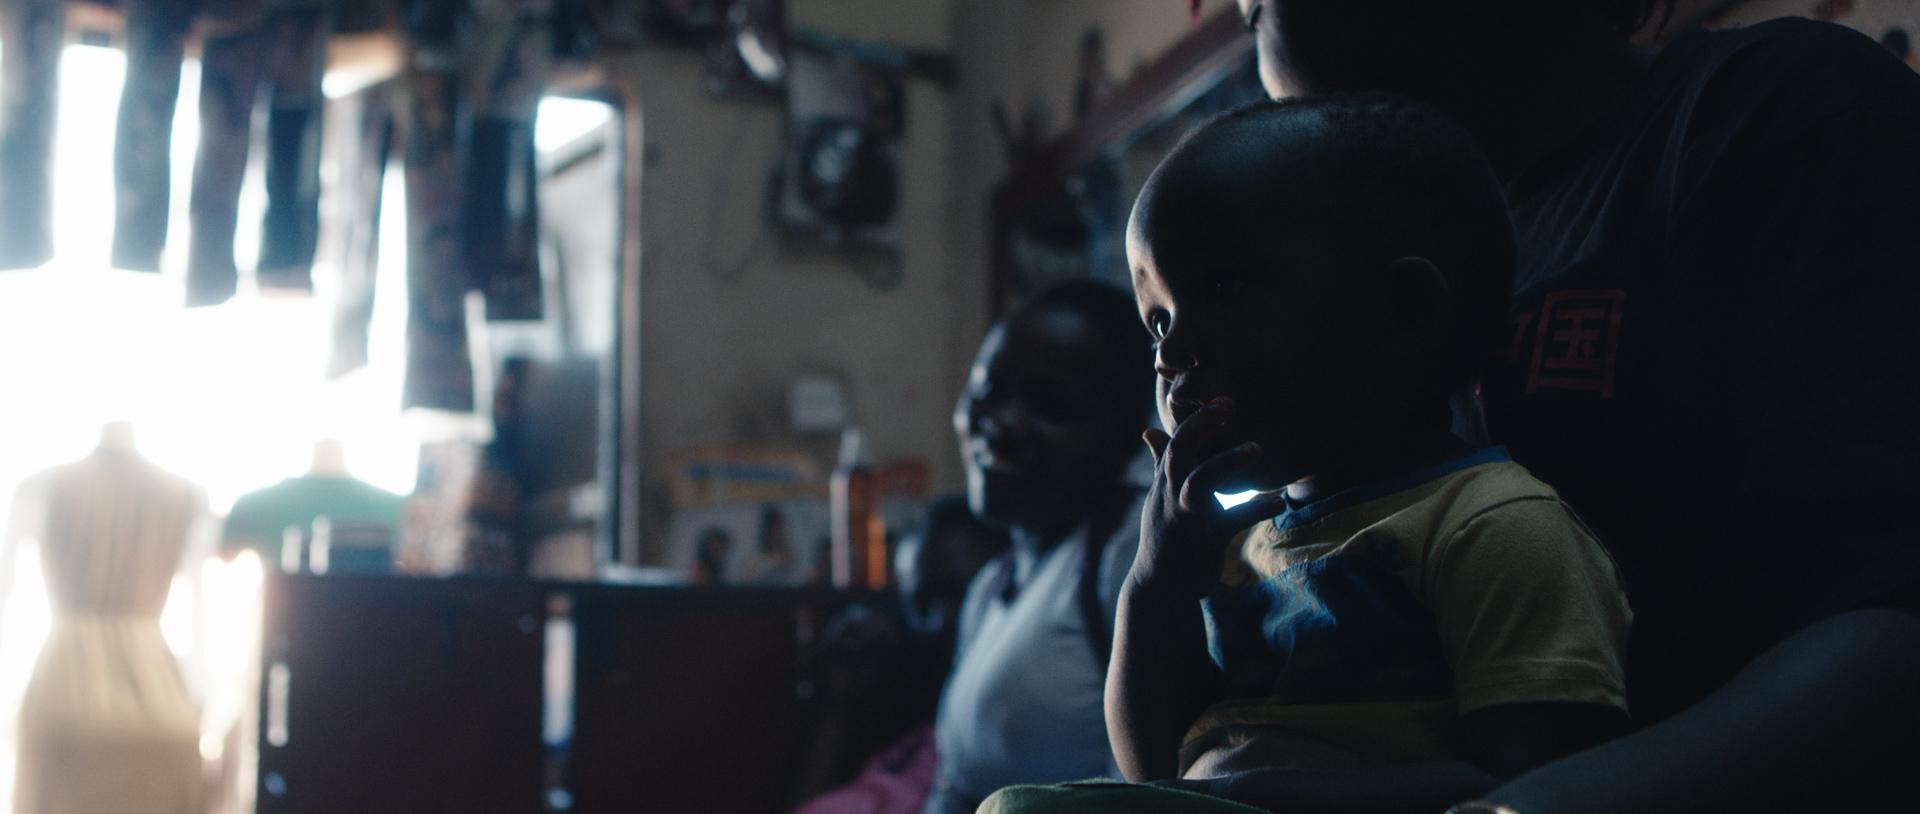 Uganda Day 1.12_34_18_22.Still124.jpg